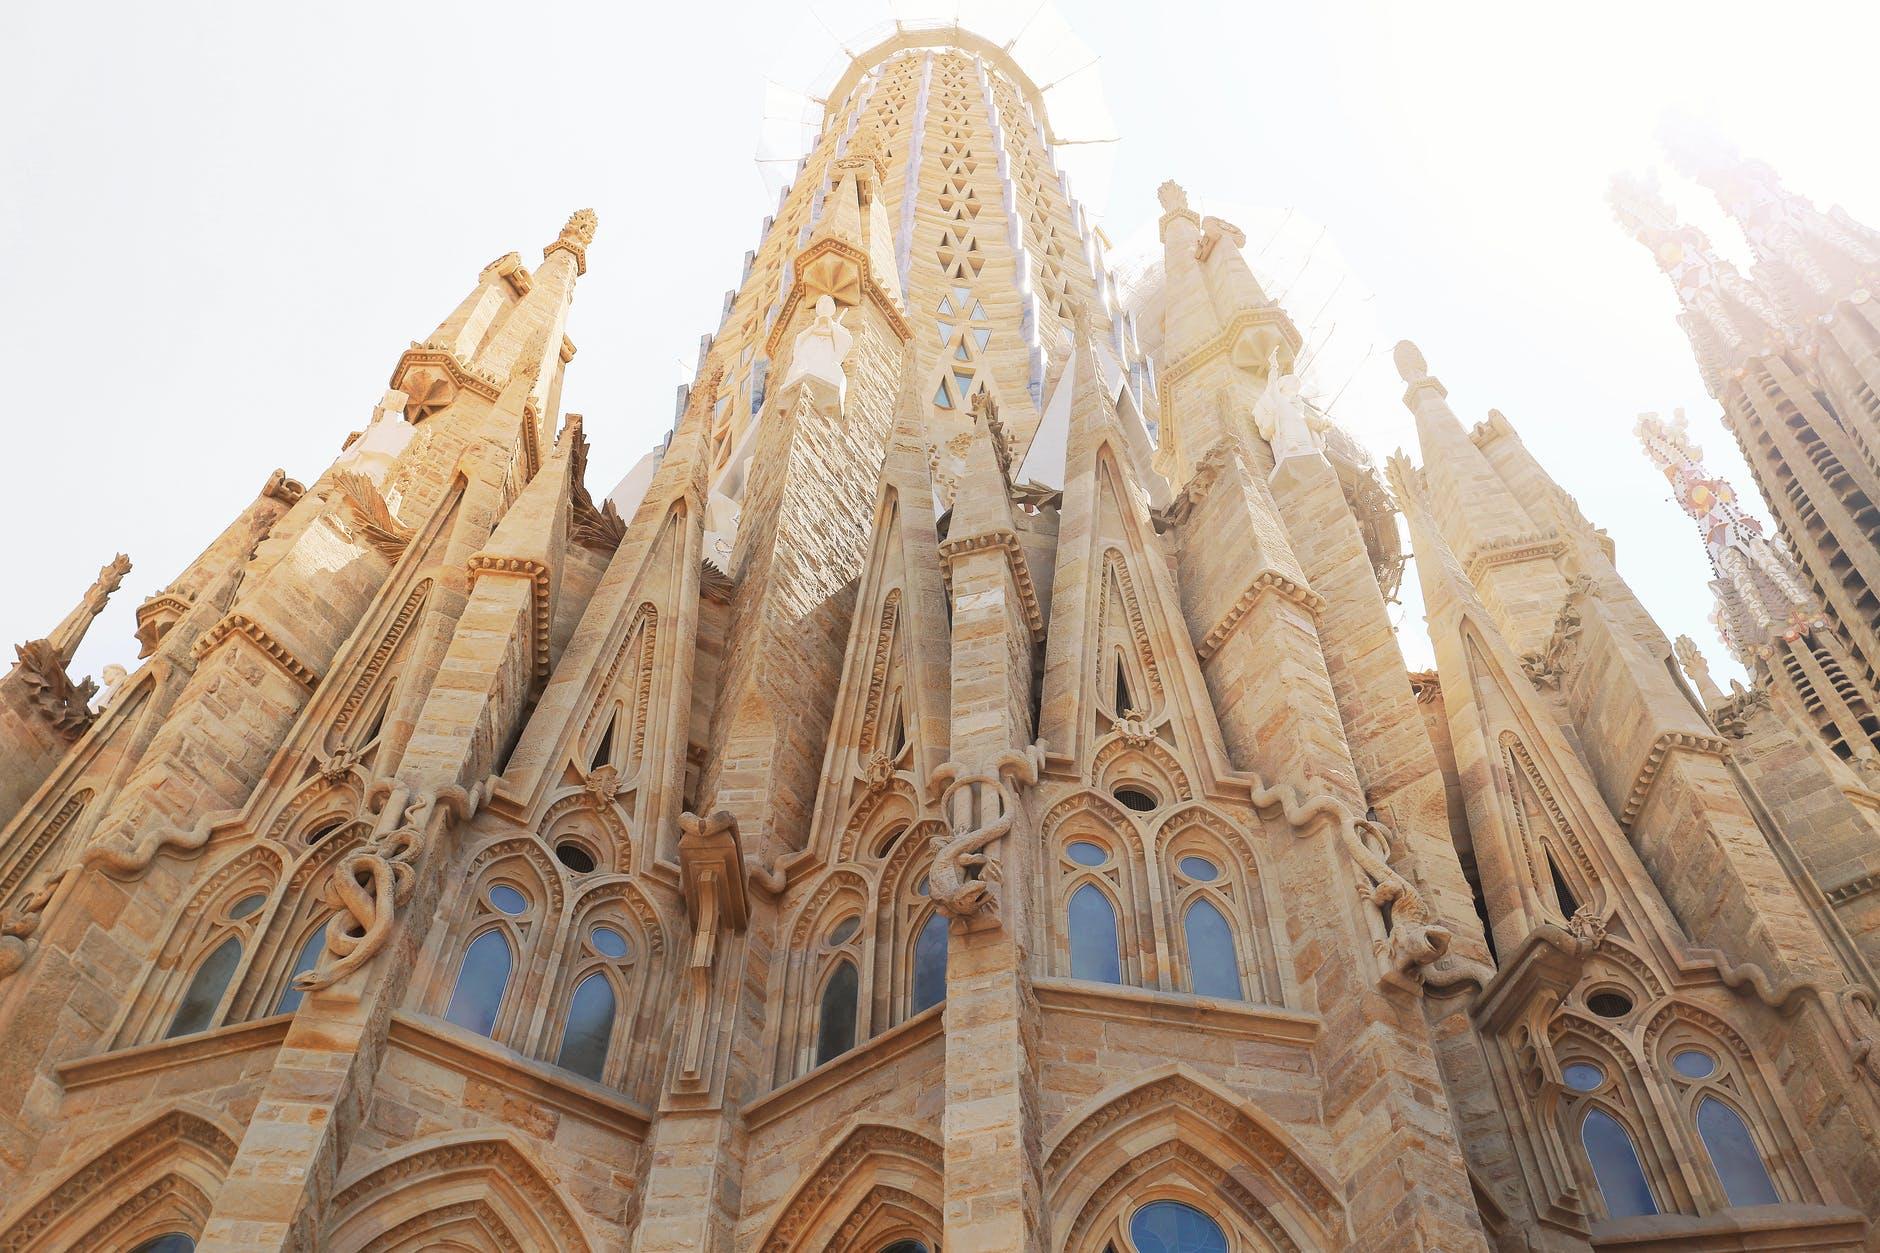 Посетить Храм Святого семейства бесплатно в рамках фестиваля La Mercè